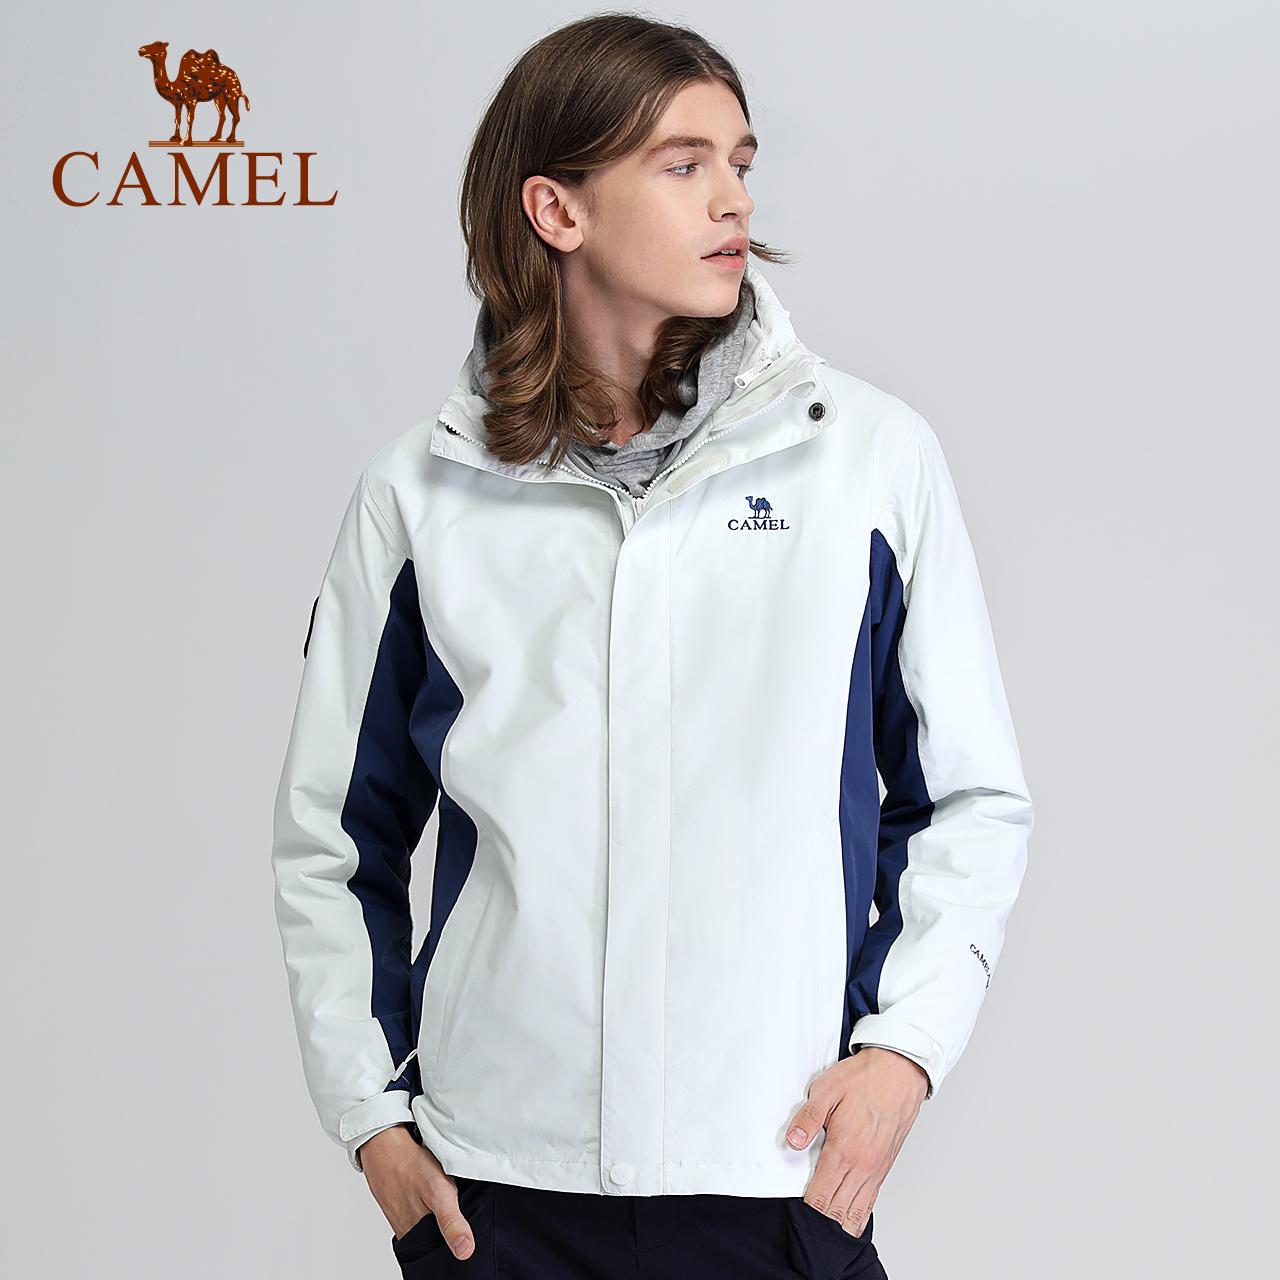 骆驼户外冲锋衣男女三合一可拆卸两件套防风防水情侣外套加绒加厚